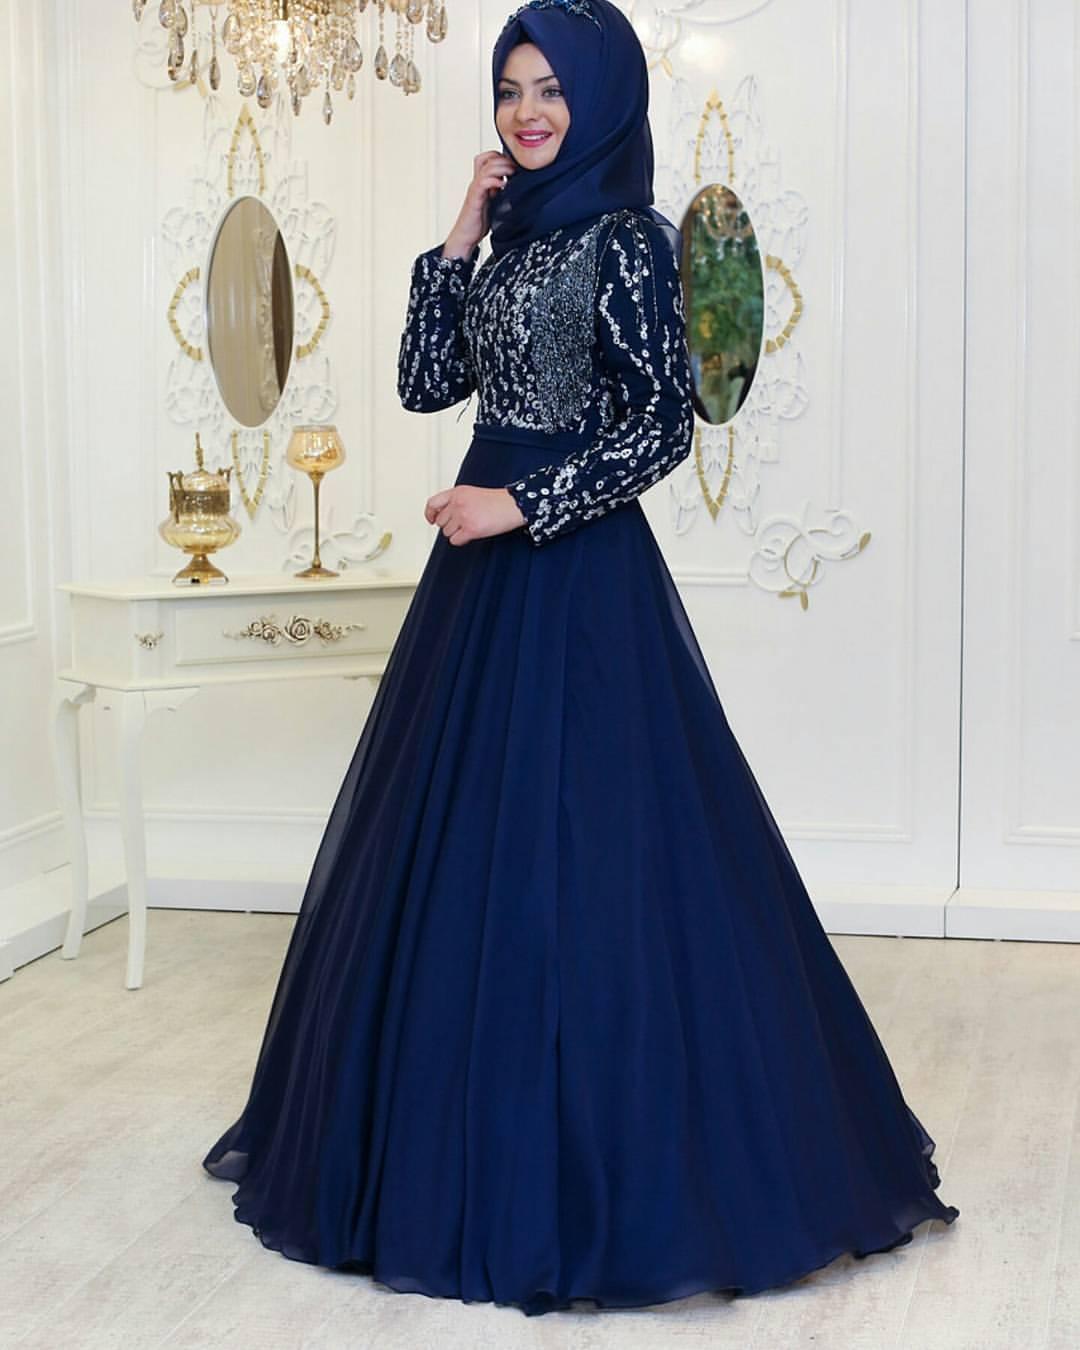 Pinarsems Abiye Modelleri 30 - 2018 Pınar Şems Abiye Modelleri